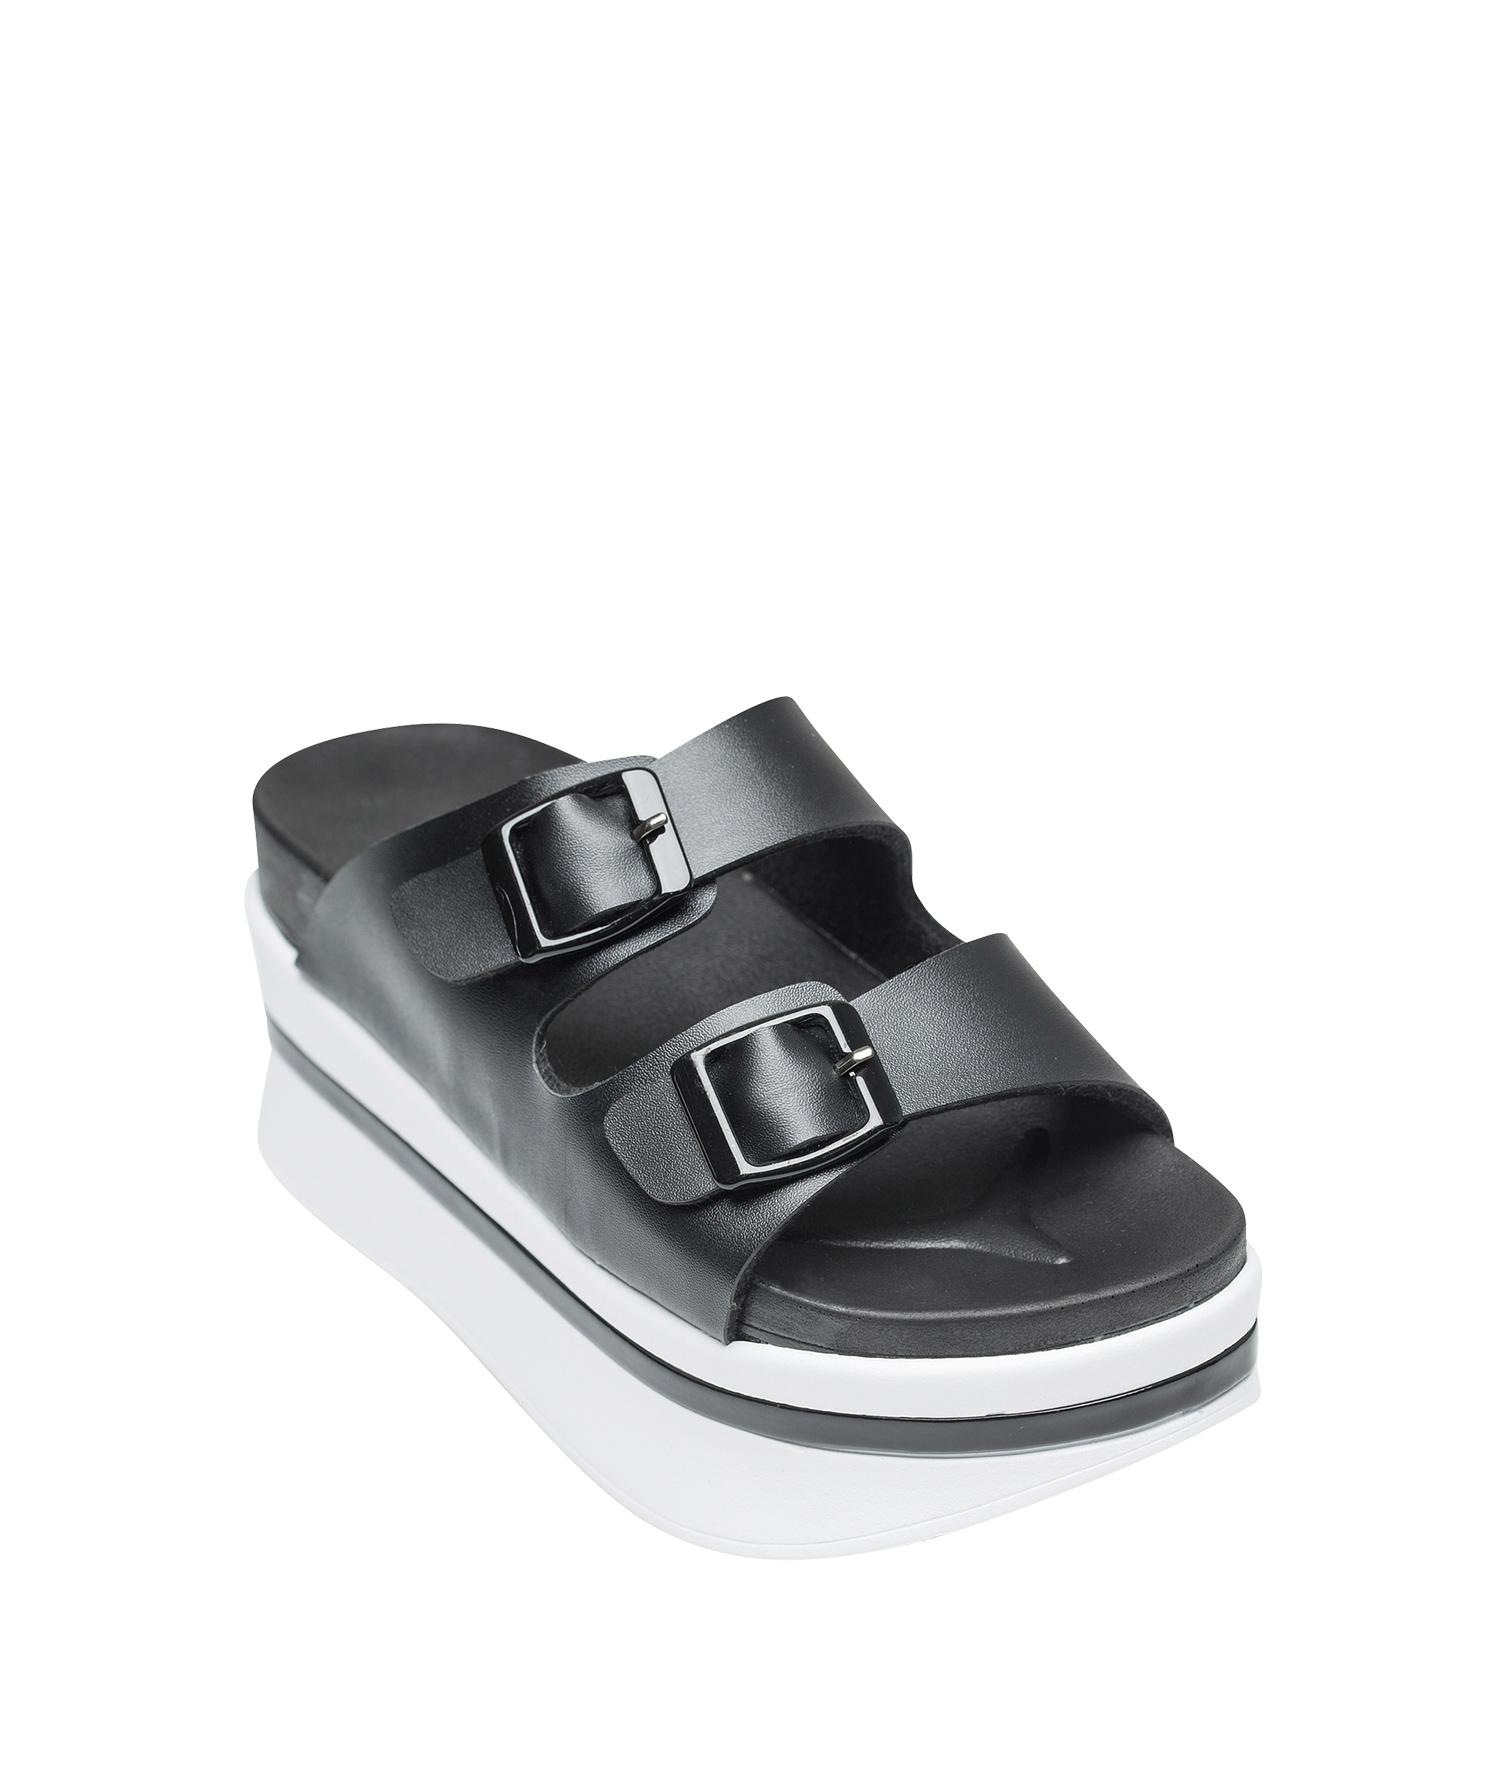 77544f753051 AnnaKastle Womens Double Strap Platform Slide Slipper Sandal Black